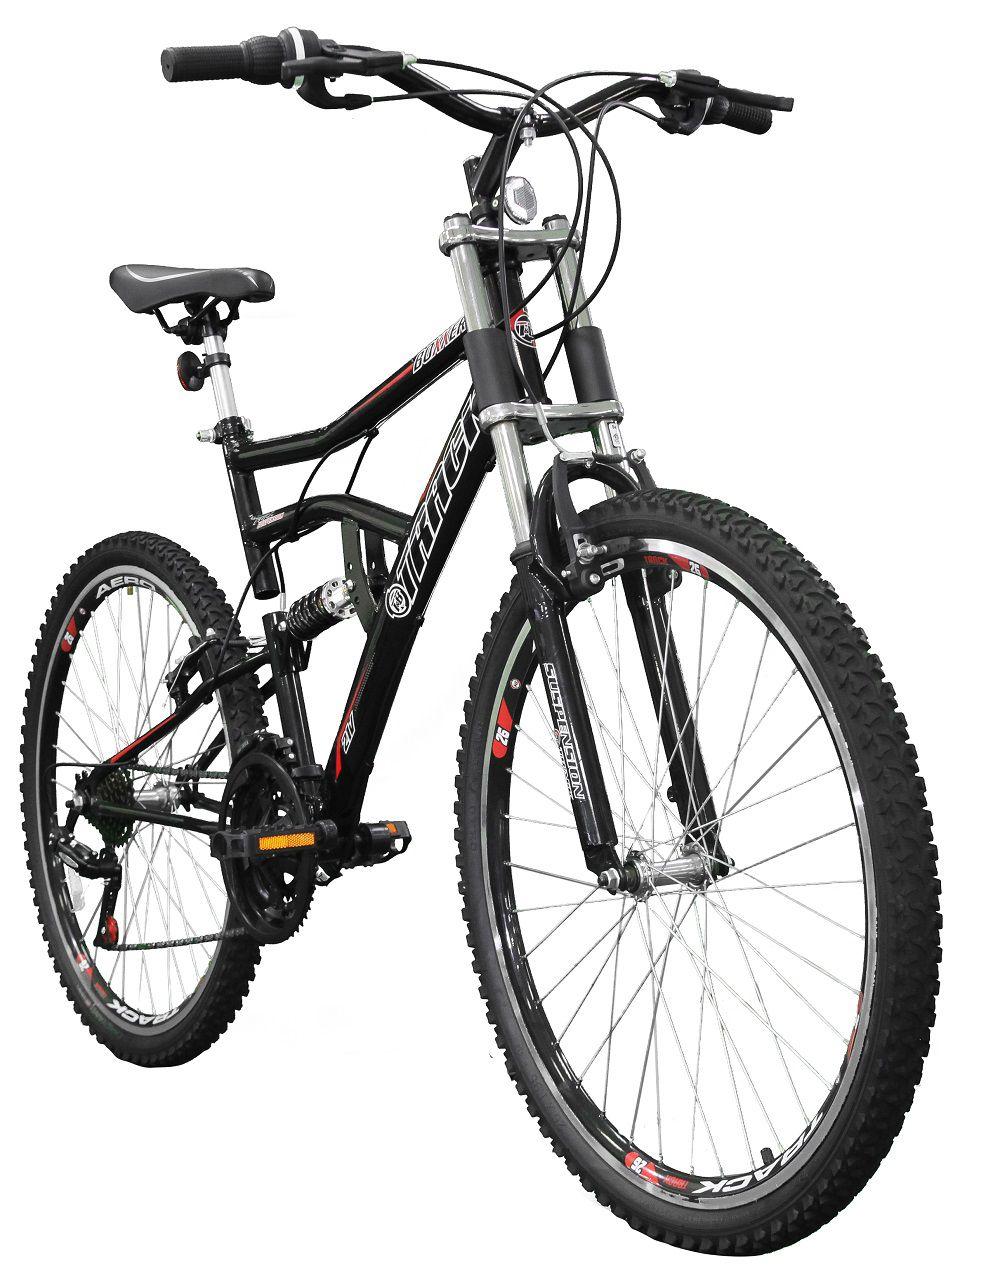 Bicicleta Track Bikes TB Boxxer New Mountain Bike Aro 26